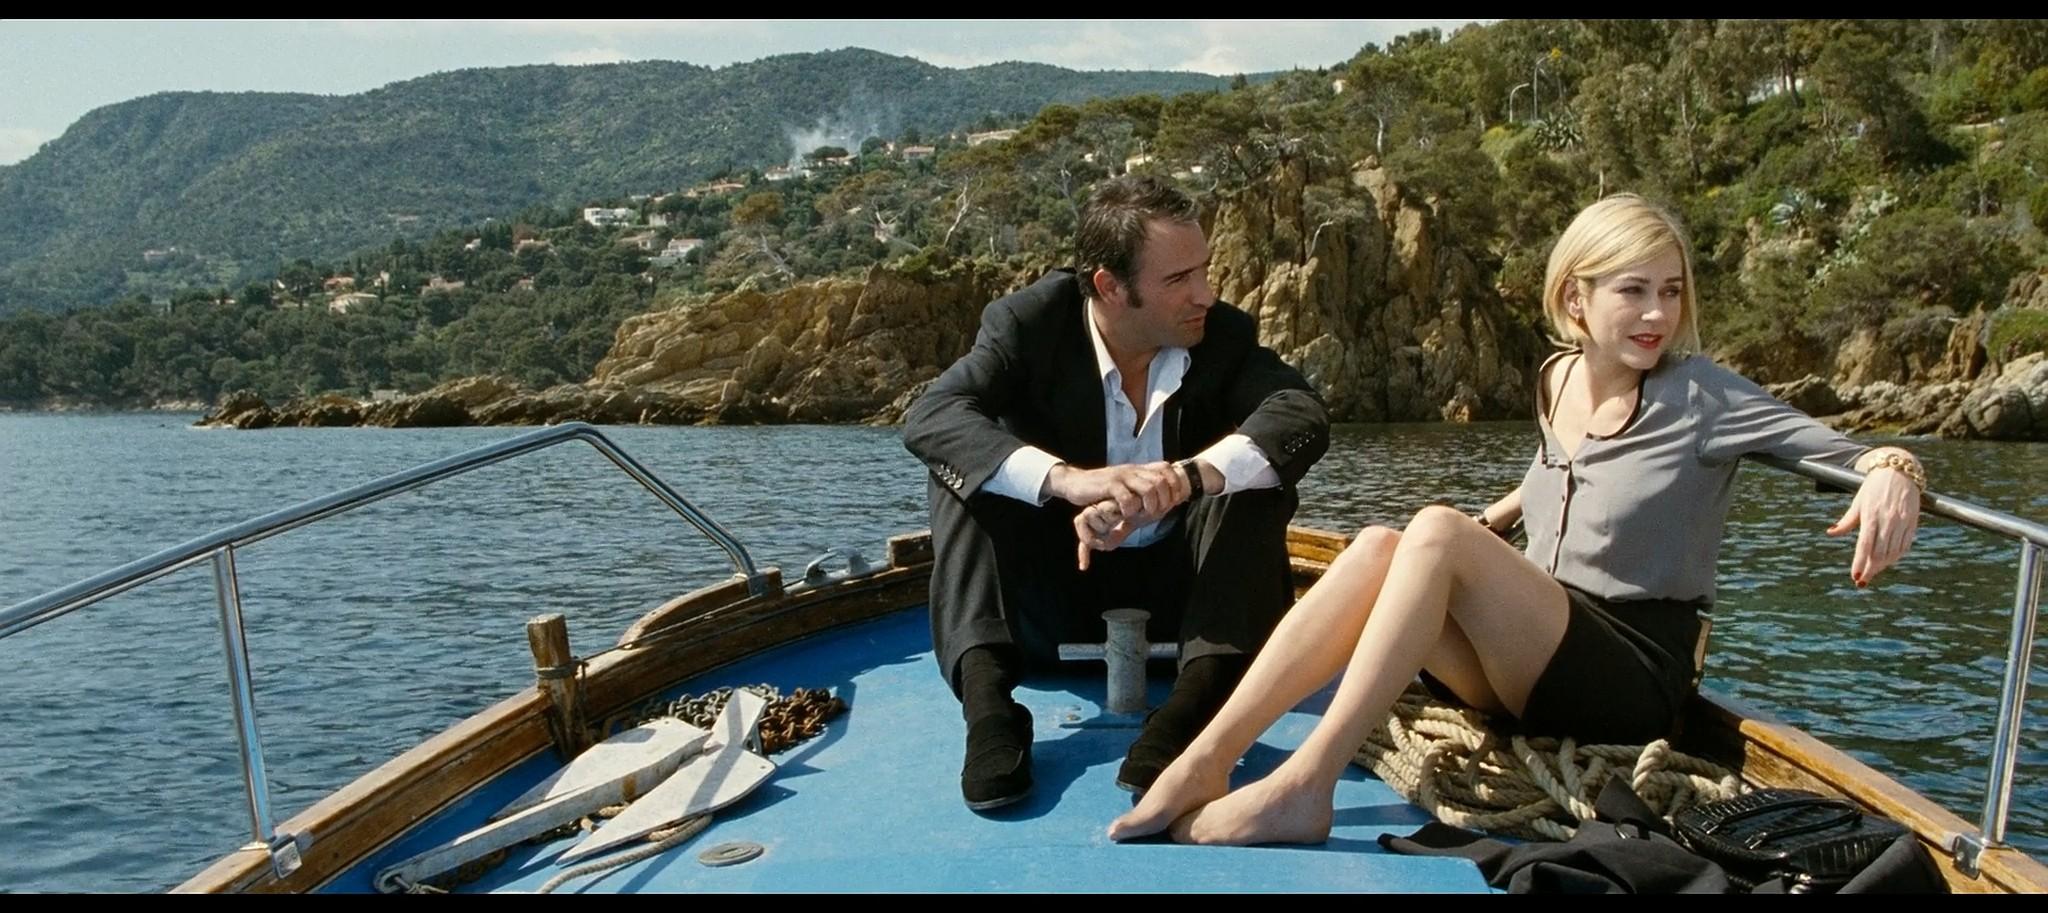 Marie Josee Croze nude wet and sex Un balcon sur la mer FR 2010 BluRay 2